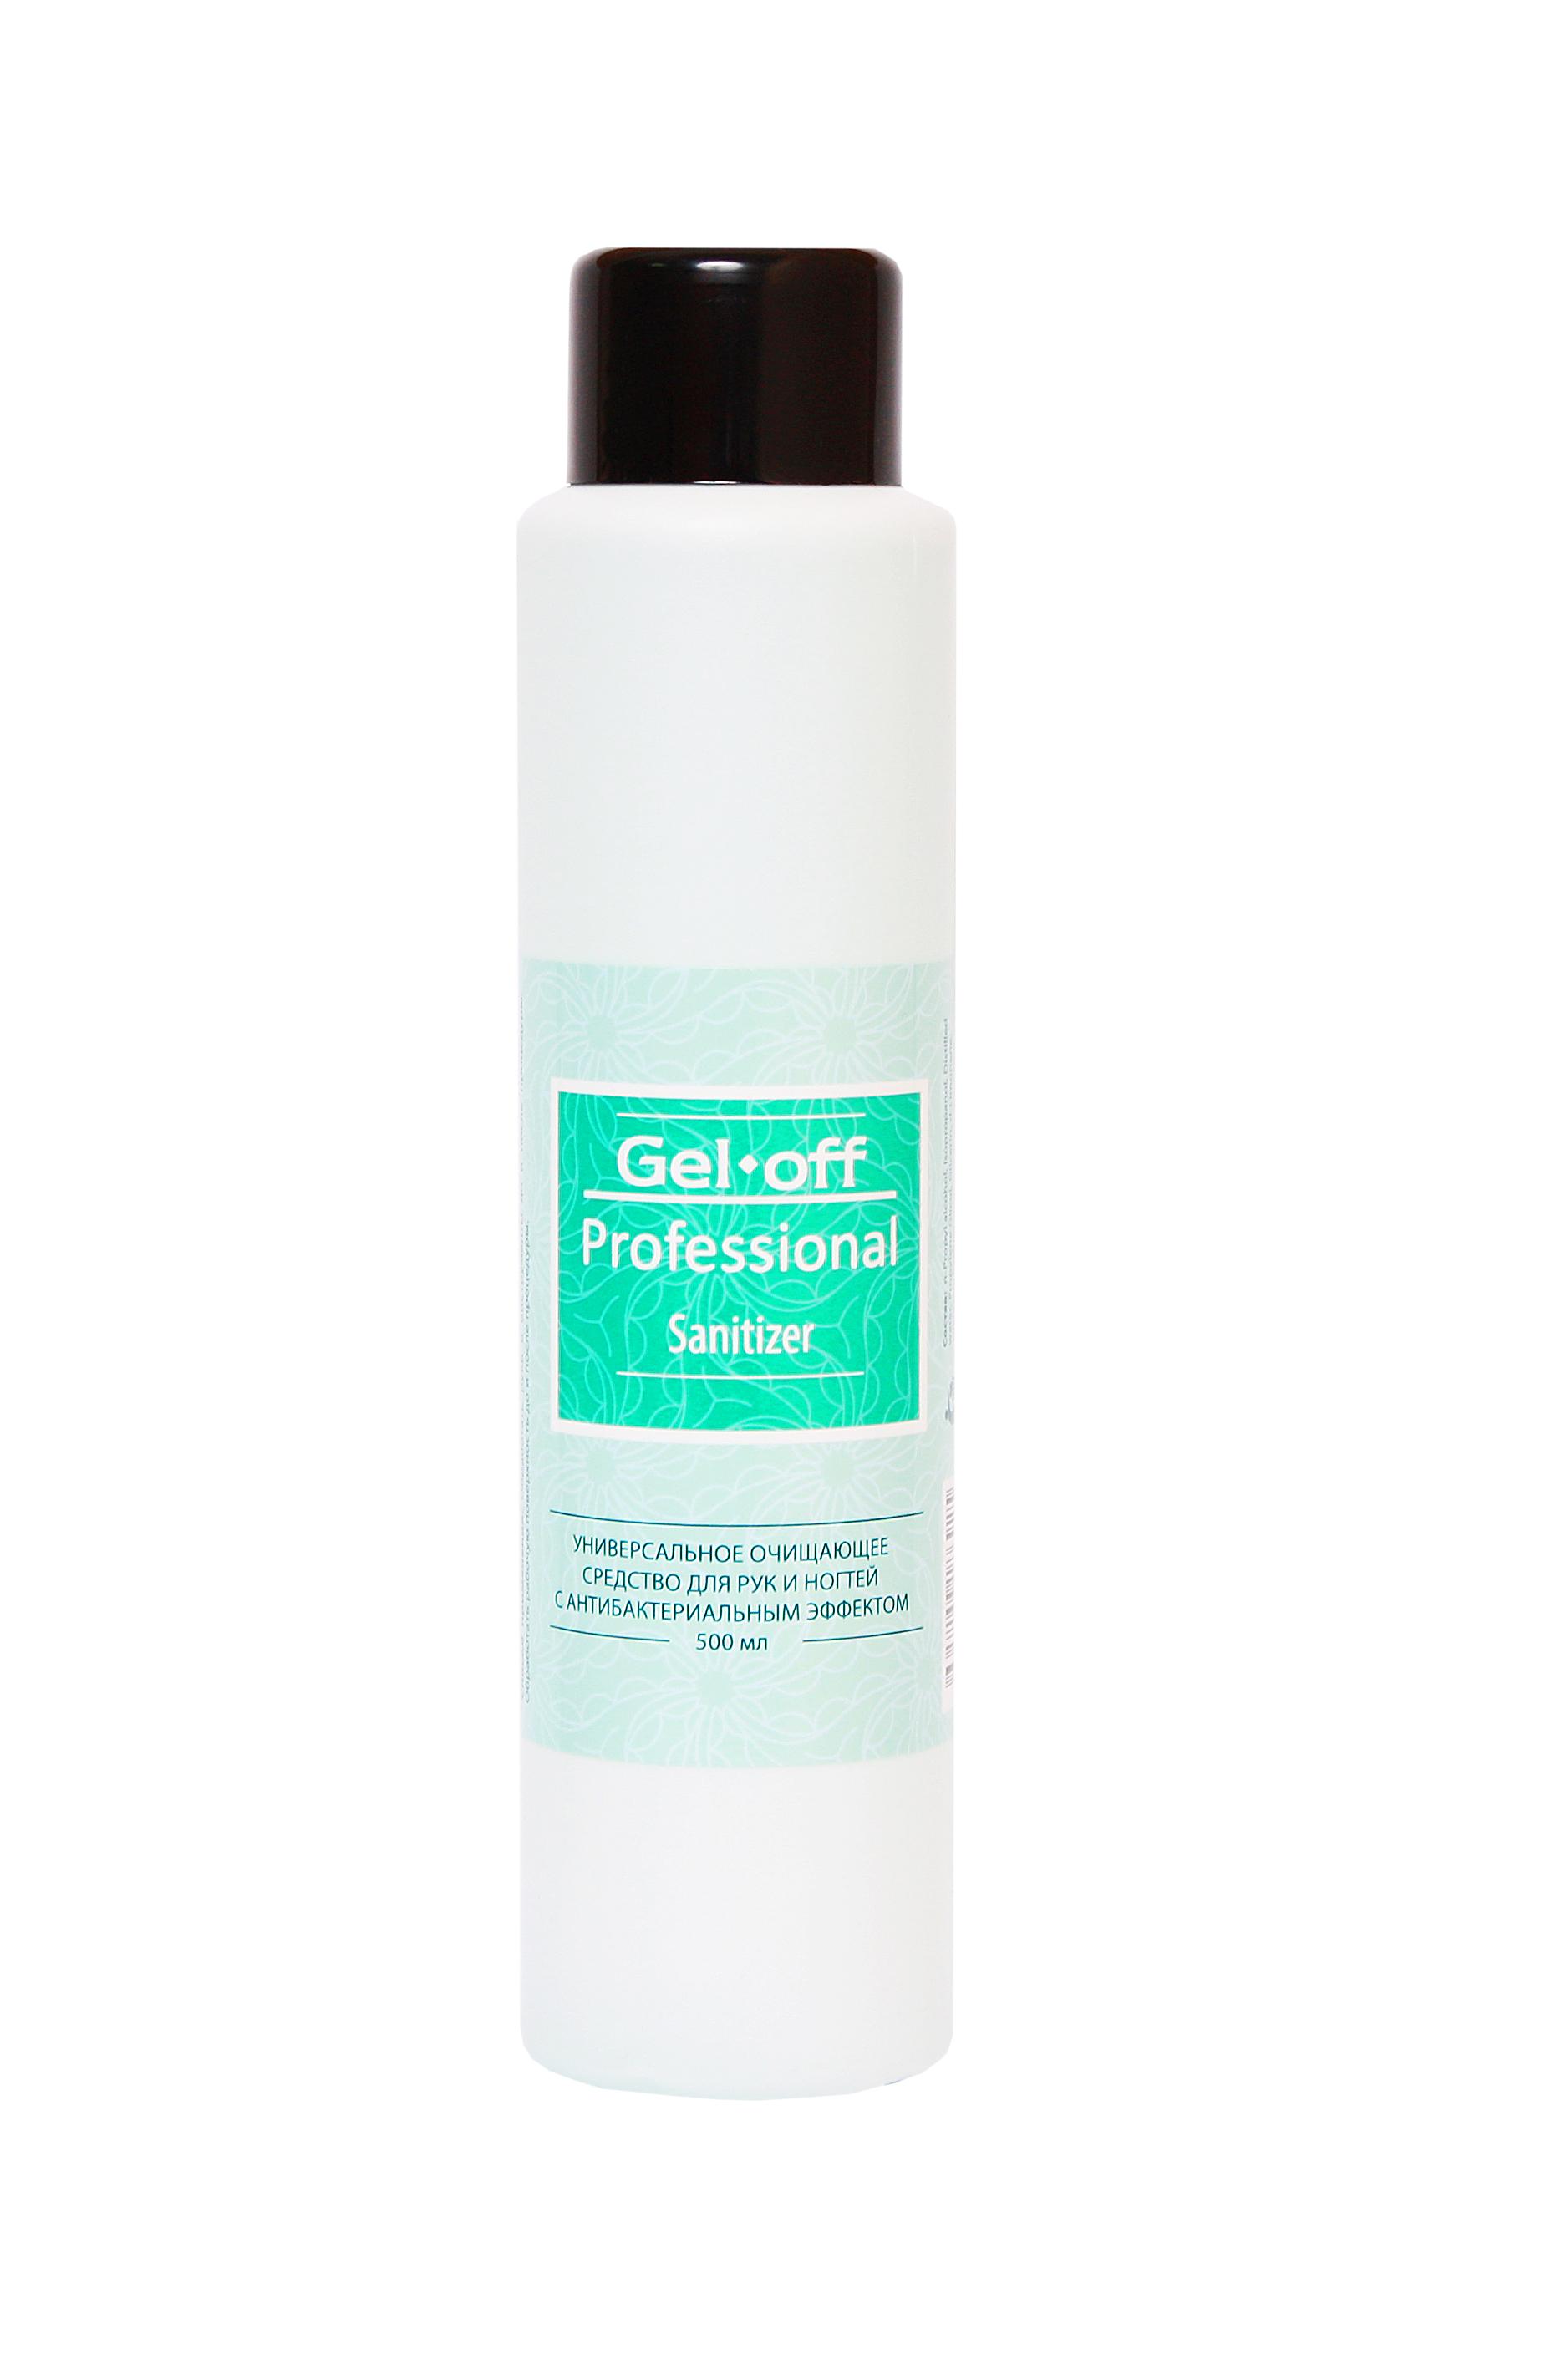 GEL-OFF Средство универсальное очищающее для рук и ногтей с антибактериальным эффектом / Gel Off Professional Sanitizer 500 мл